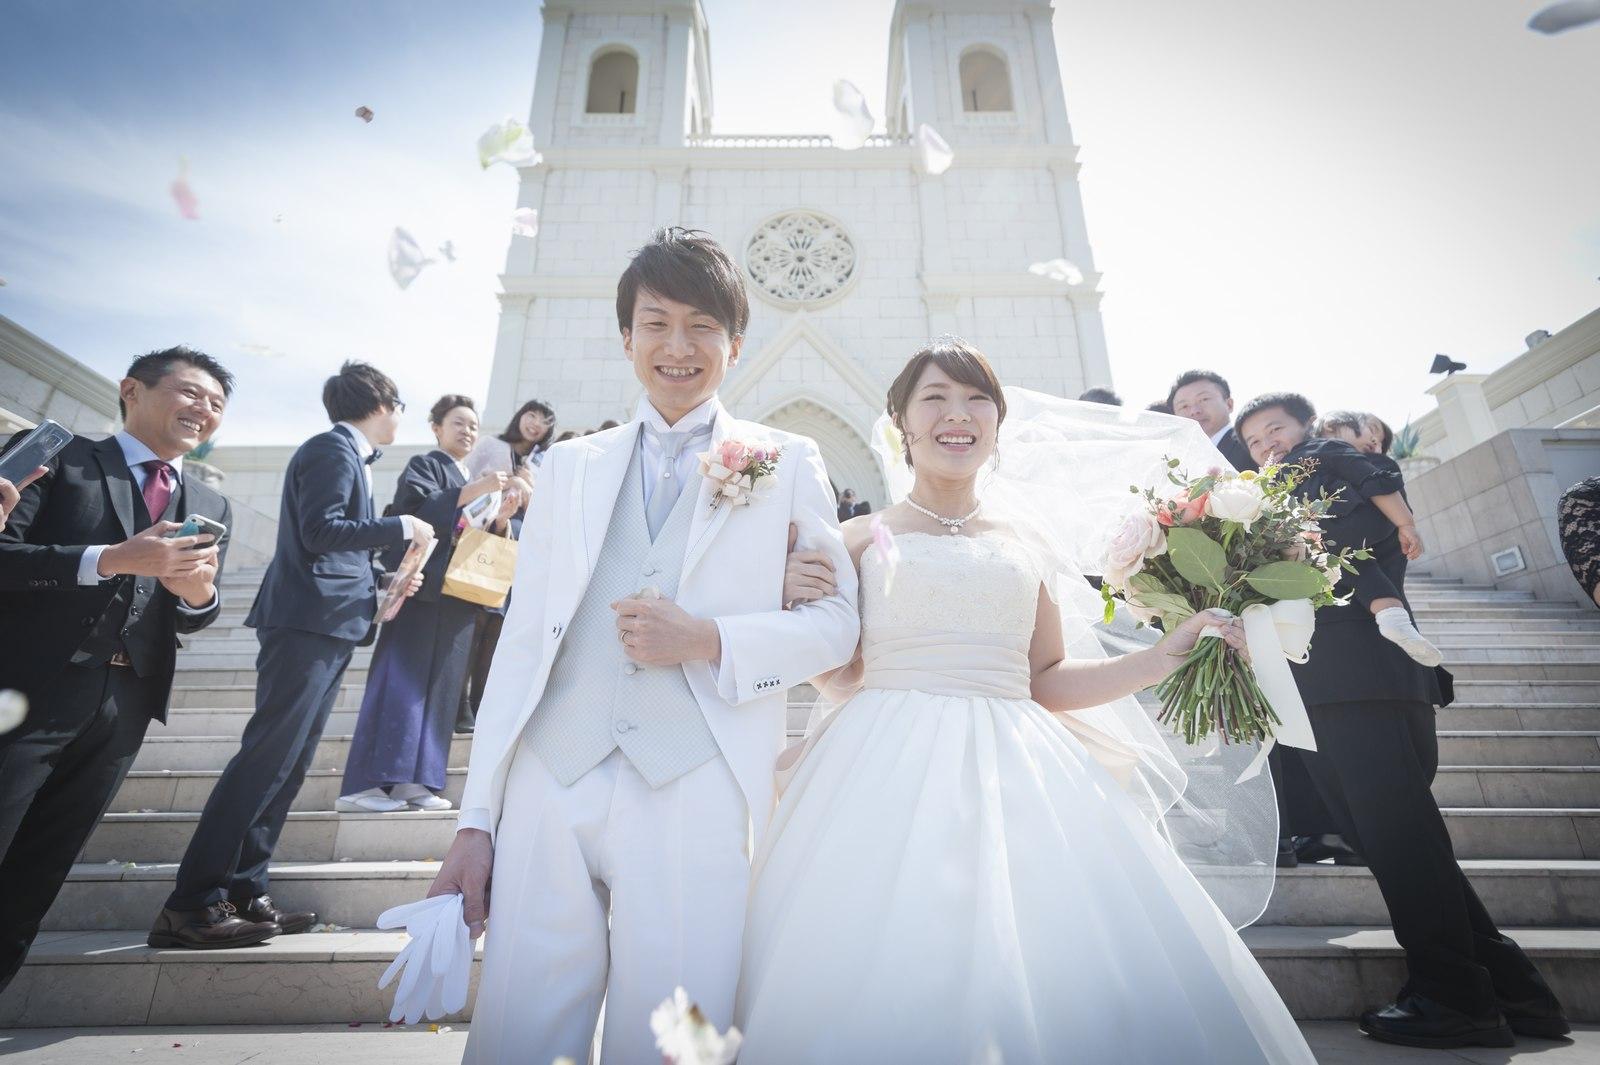 香川の結婚式場シェルエメール&アイスタイル 大階段